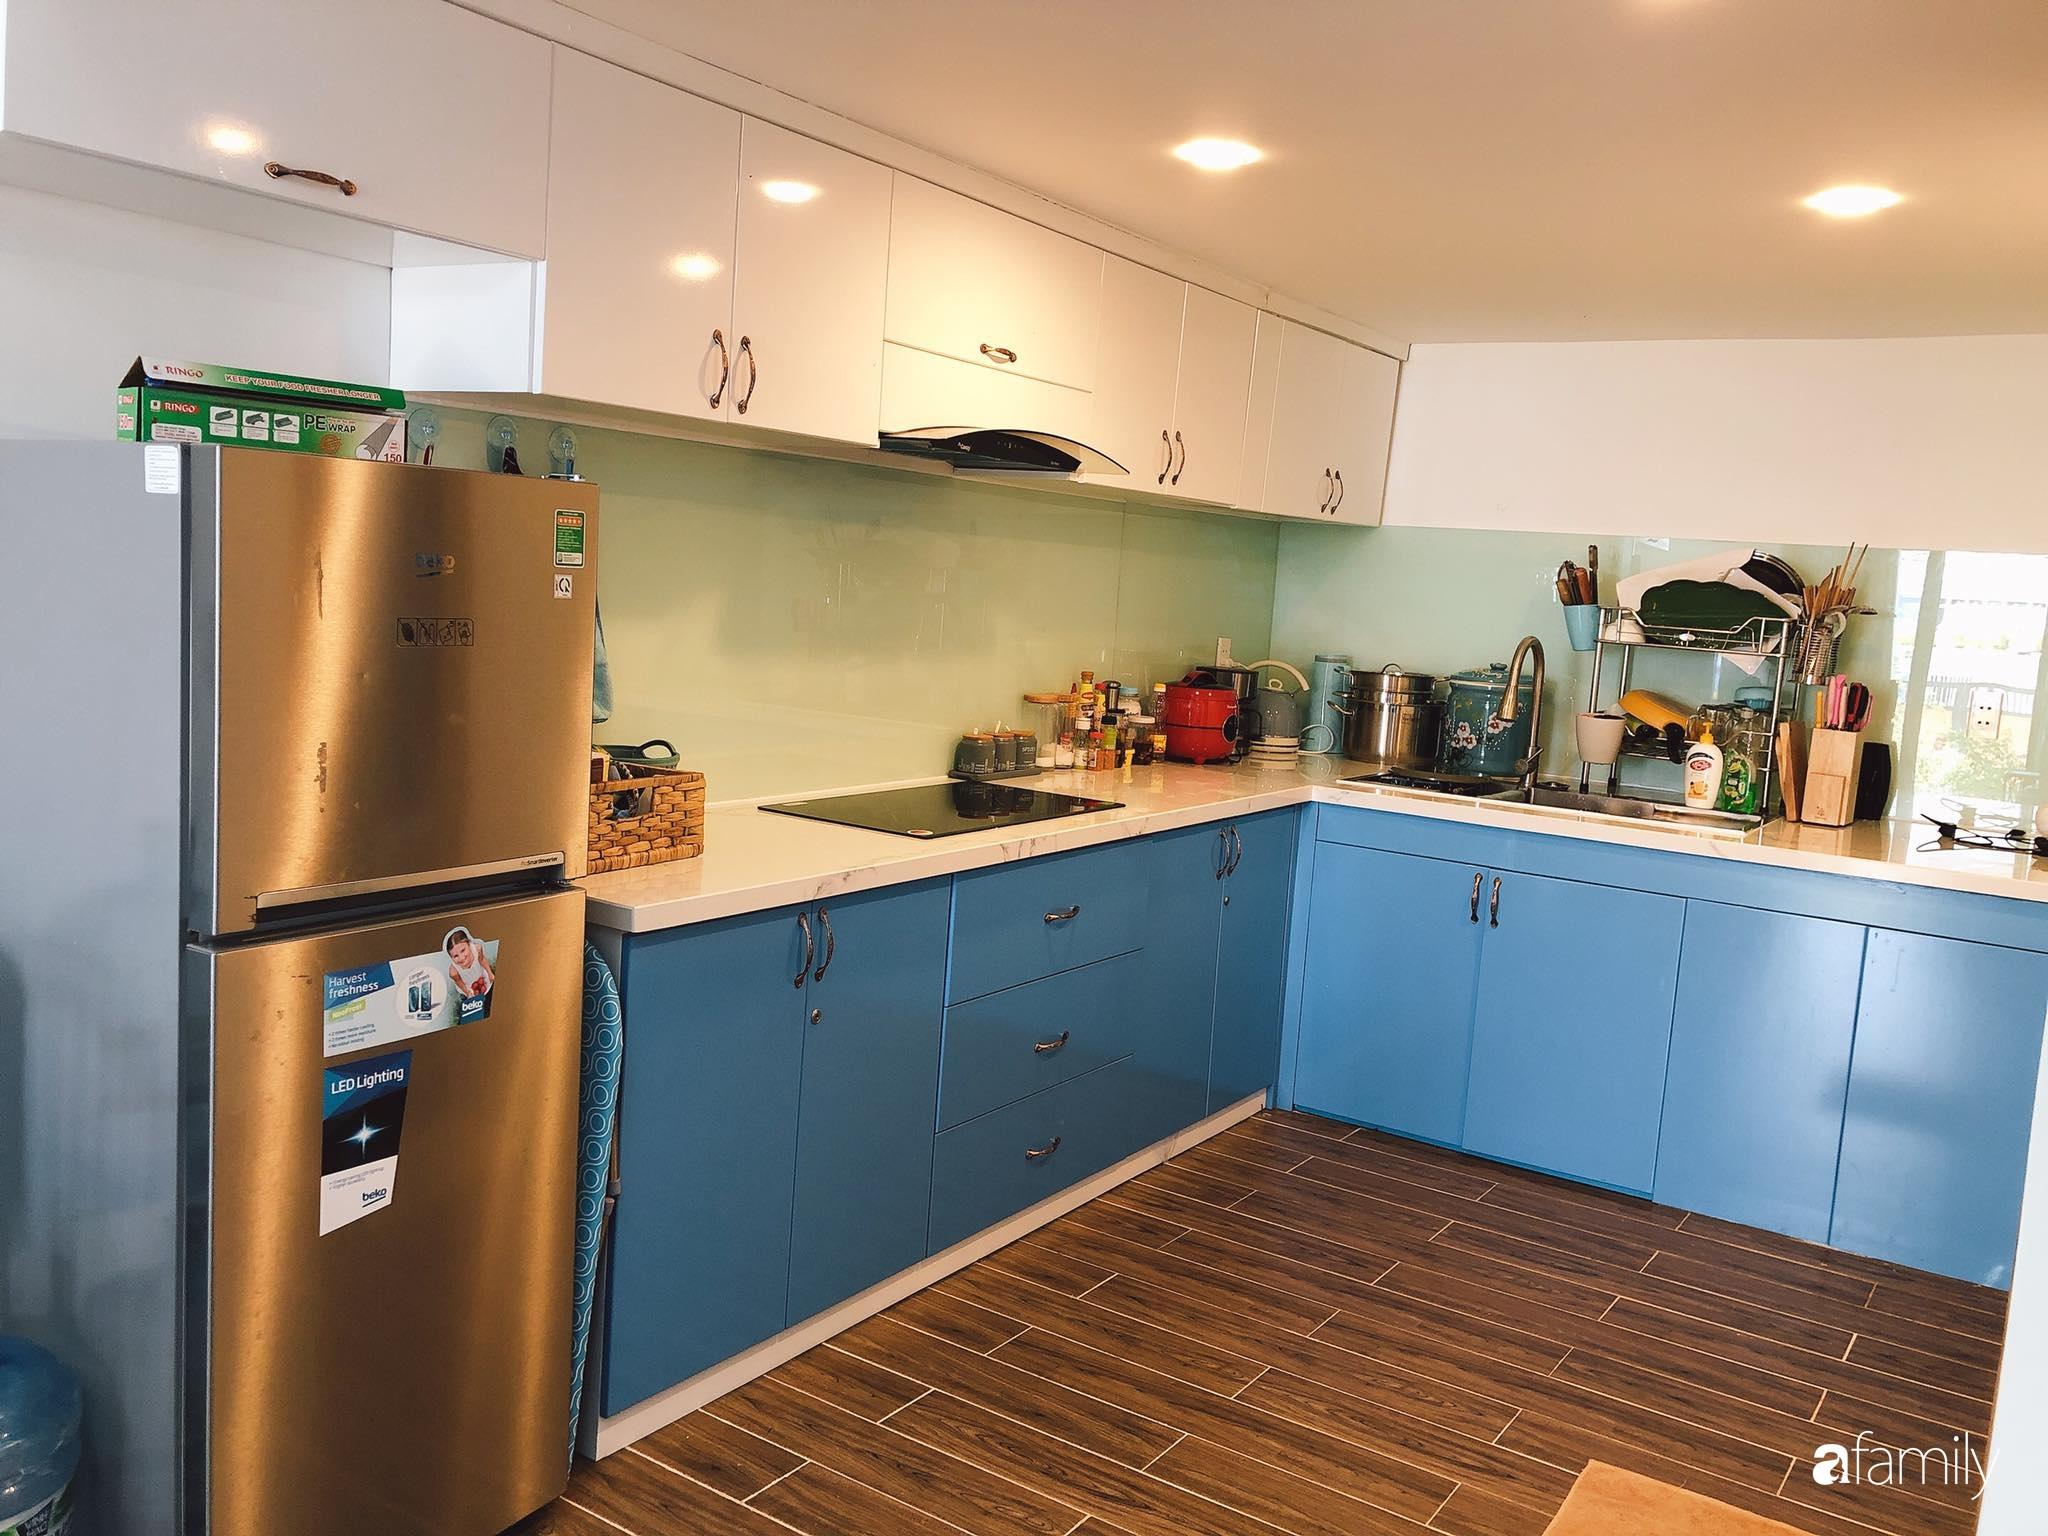 Nhà 35m² được cải tạo thành không gian sống hiện đại với ánh sáng ngập tràn cùng những chất liệu thân thiện với môi trường ở Vũng Tàu - Ảnh 12.